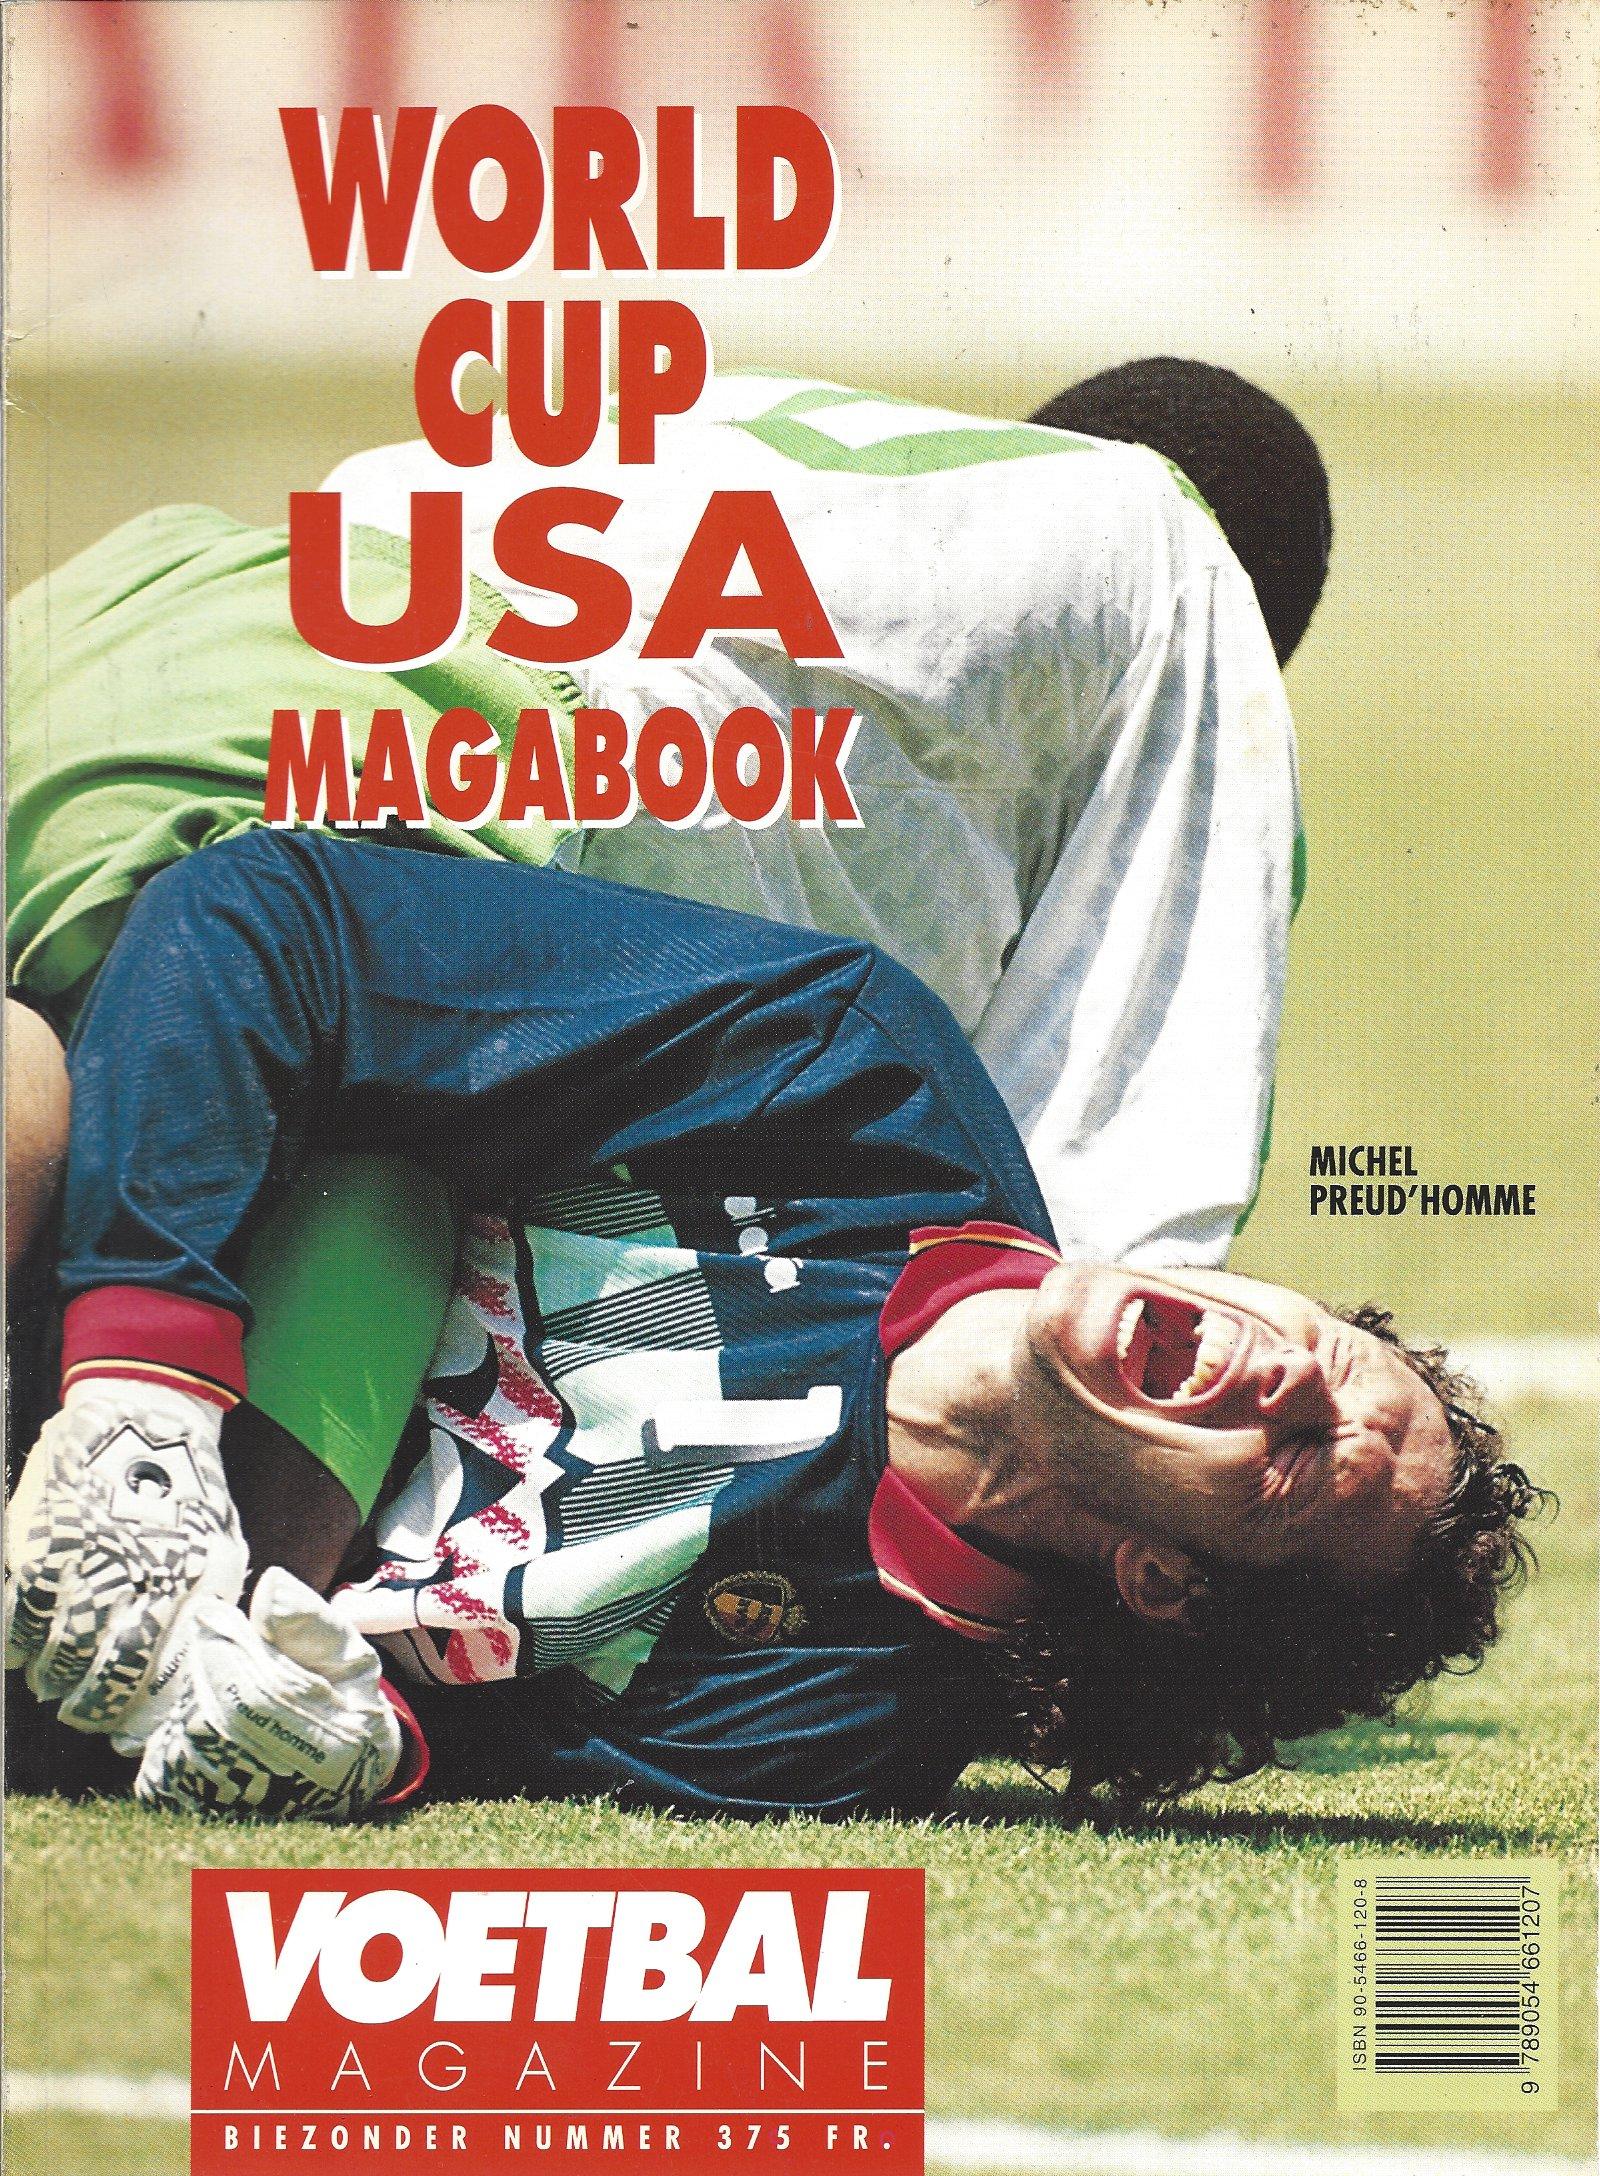 World Cup USA magabook